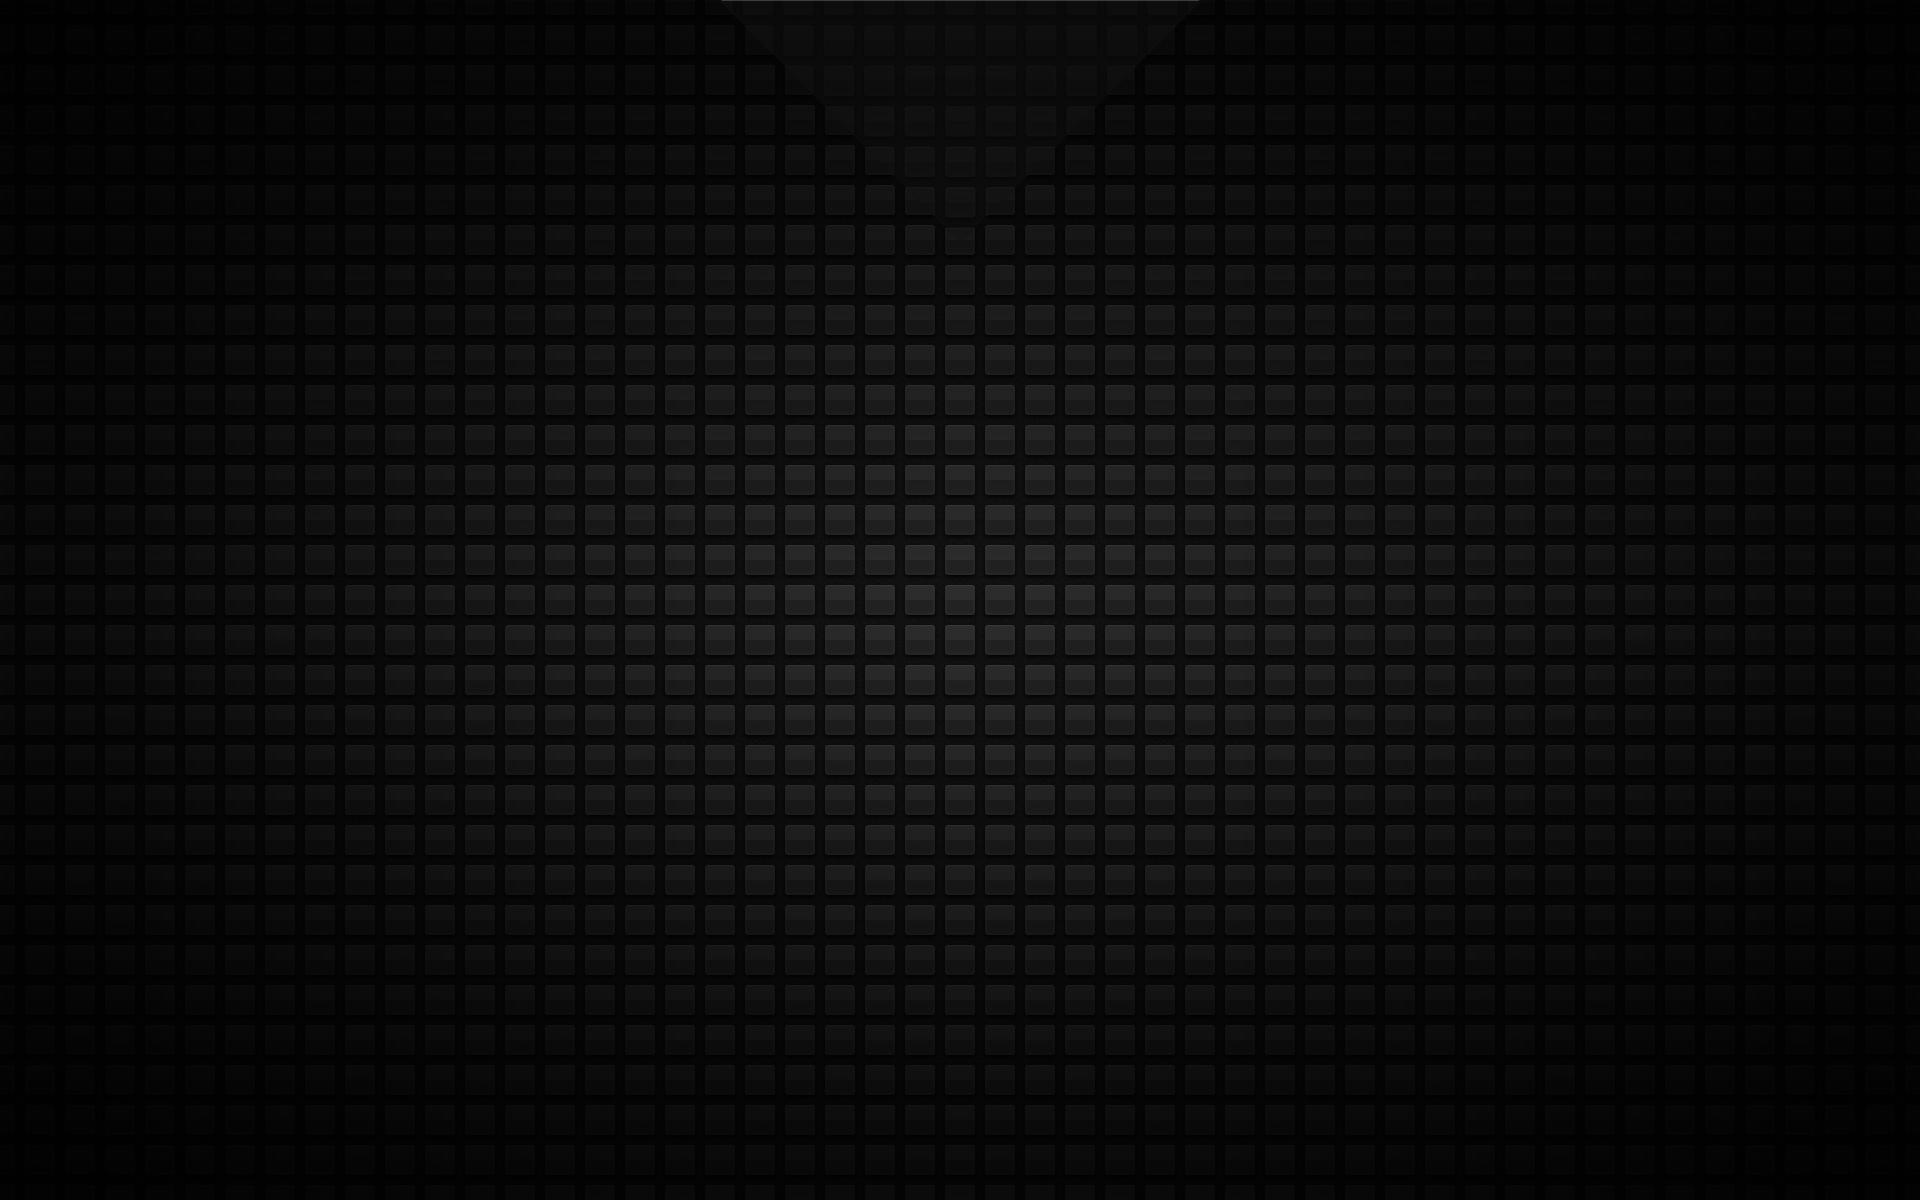 Black Boxes Wallpaper